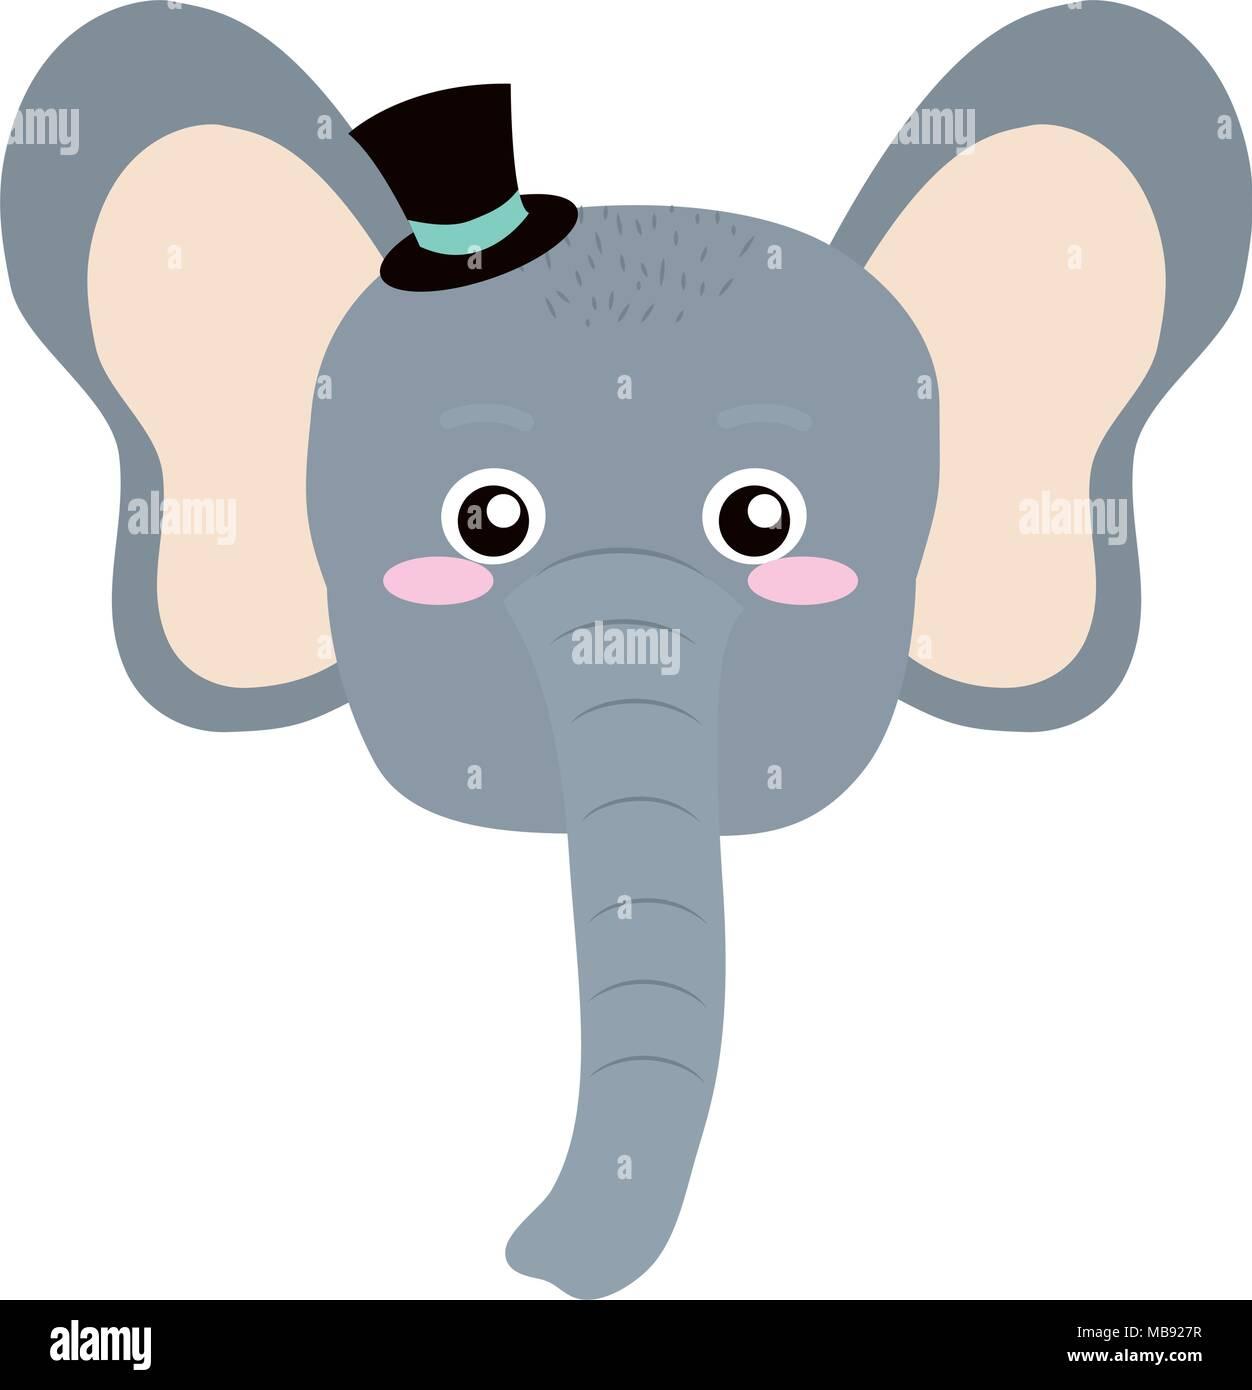 Elephant Head Cartoon Photos   Elephant Head Cartoon Images - Alamy 897ccb11a22